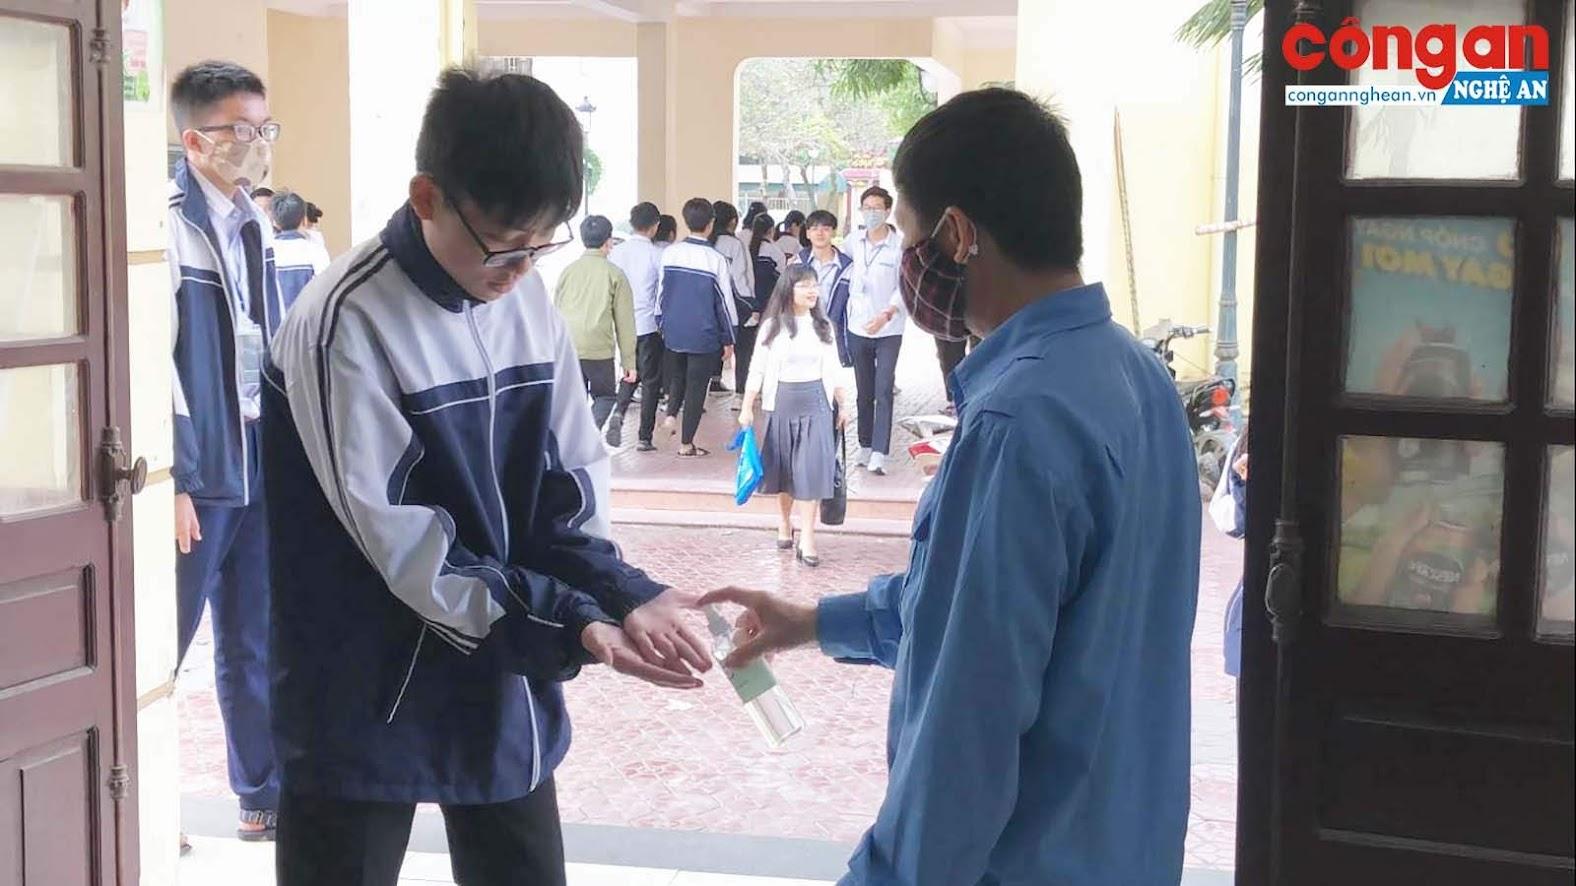 Học sinh Trường THPT chuyên Phan Bội Châu, Nghệ An khử khuẩn trước khi vào căng tin (ảnh tư liệu, 3/2020). Ảnh: Bình Minh